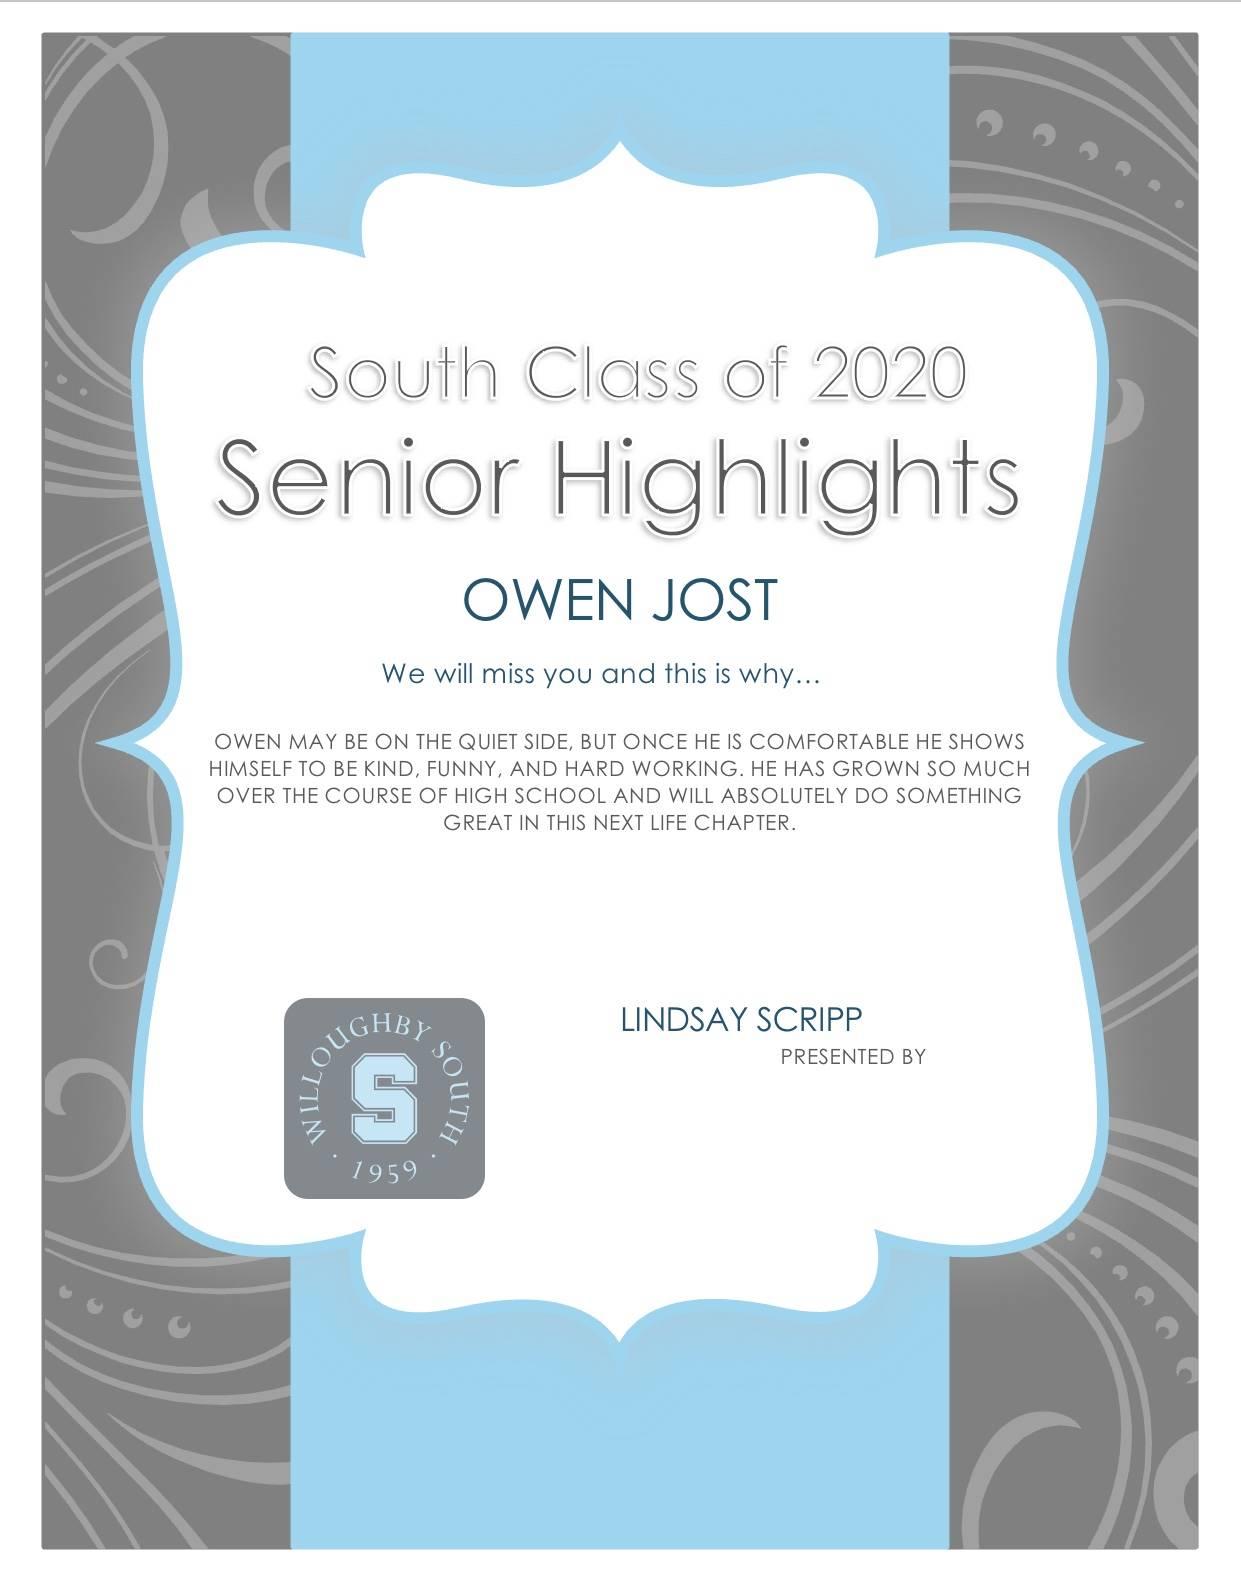 Owen Jost